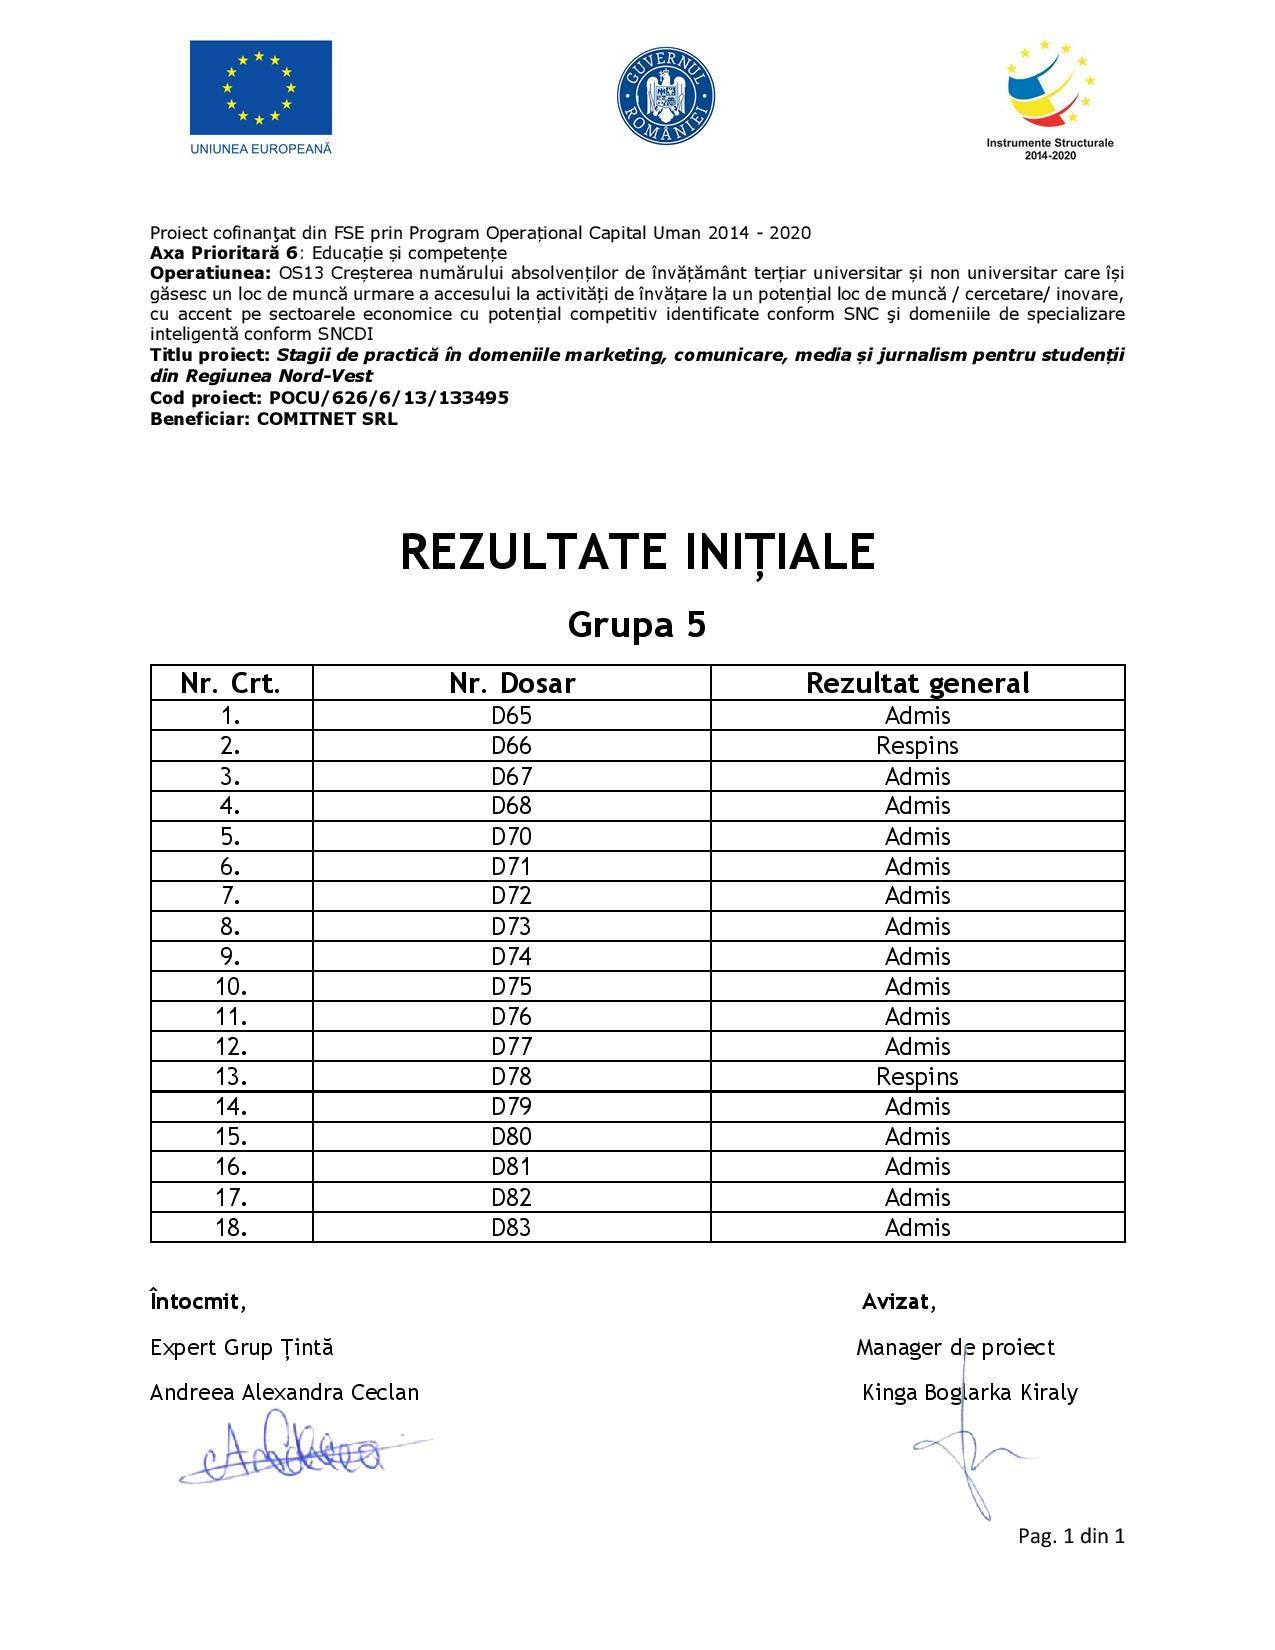 [Stagii de Practică SEO 365] Rezultate inițiale - Grupa V-page-001